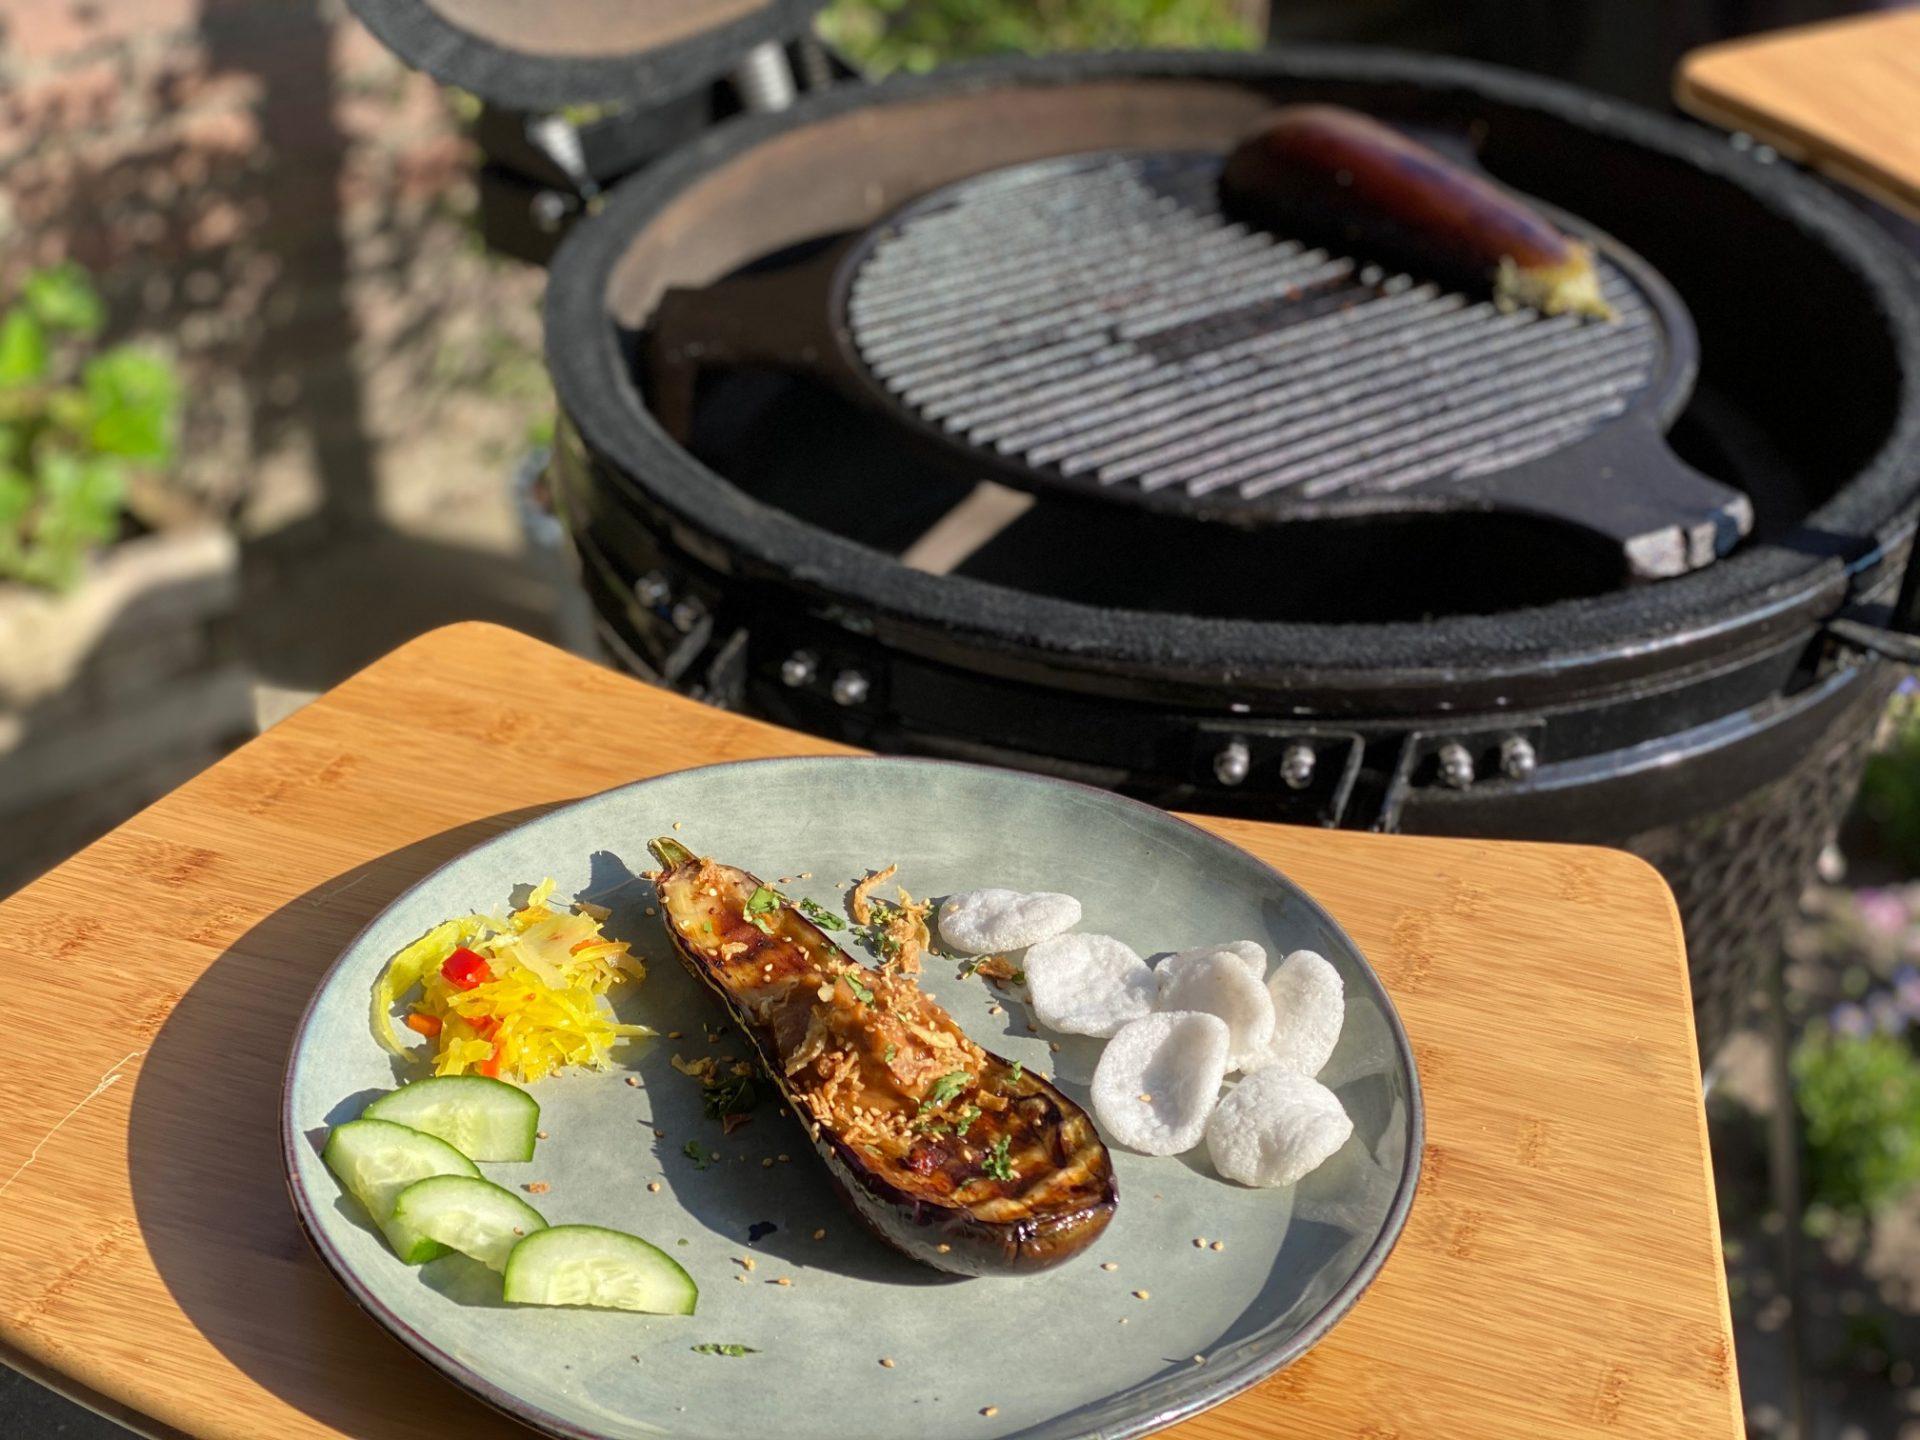 Gegrilde aubergine van de barbecue Aziatische stijl - Vegetarisch Barbecue recept